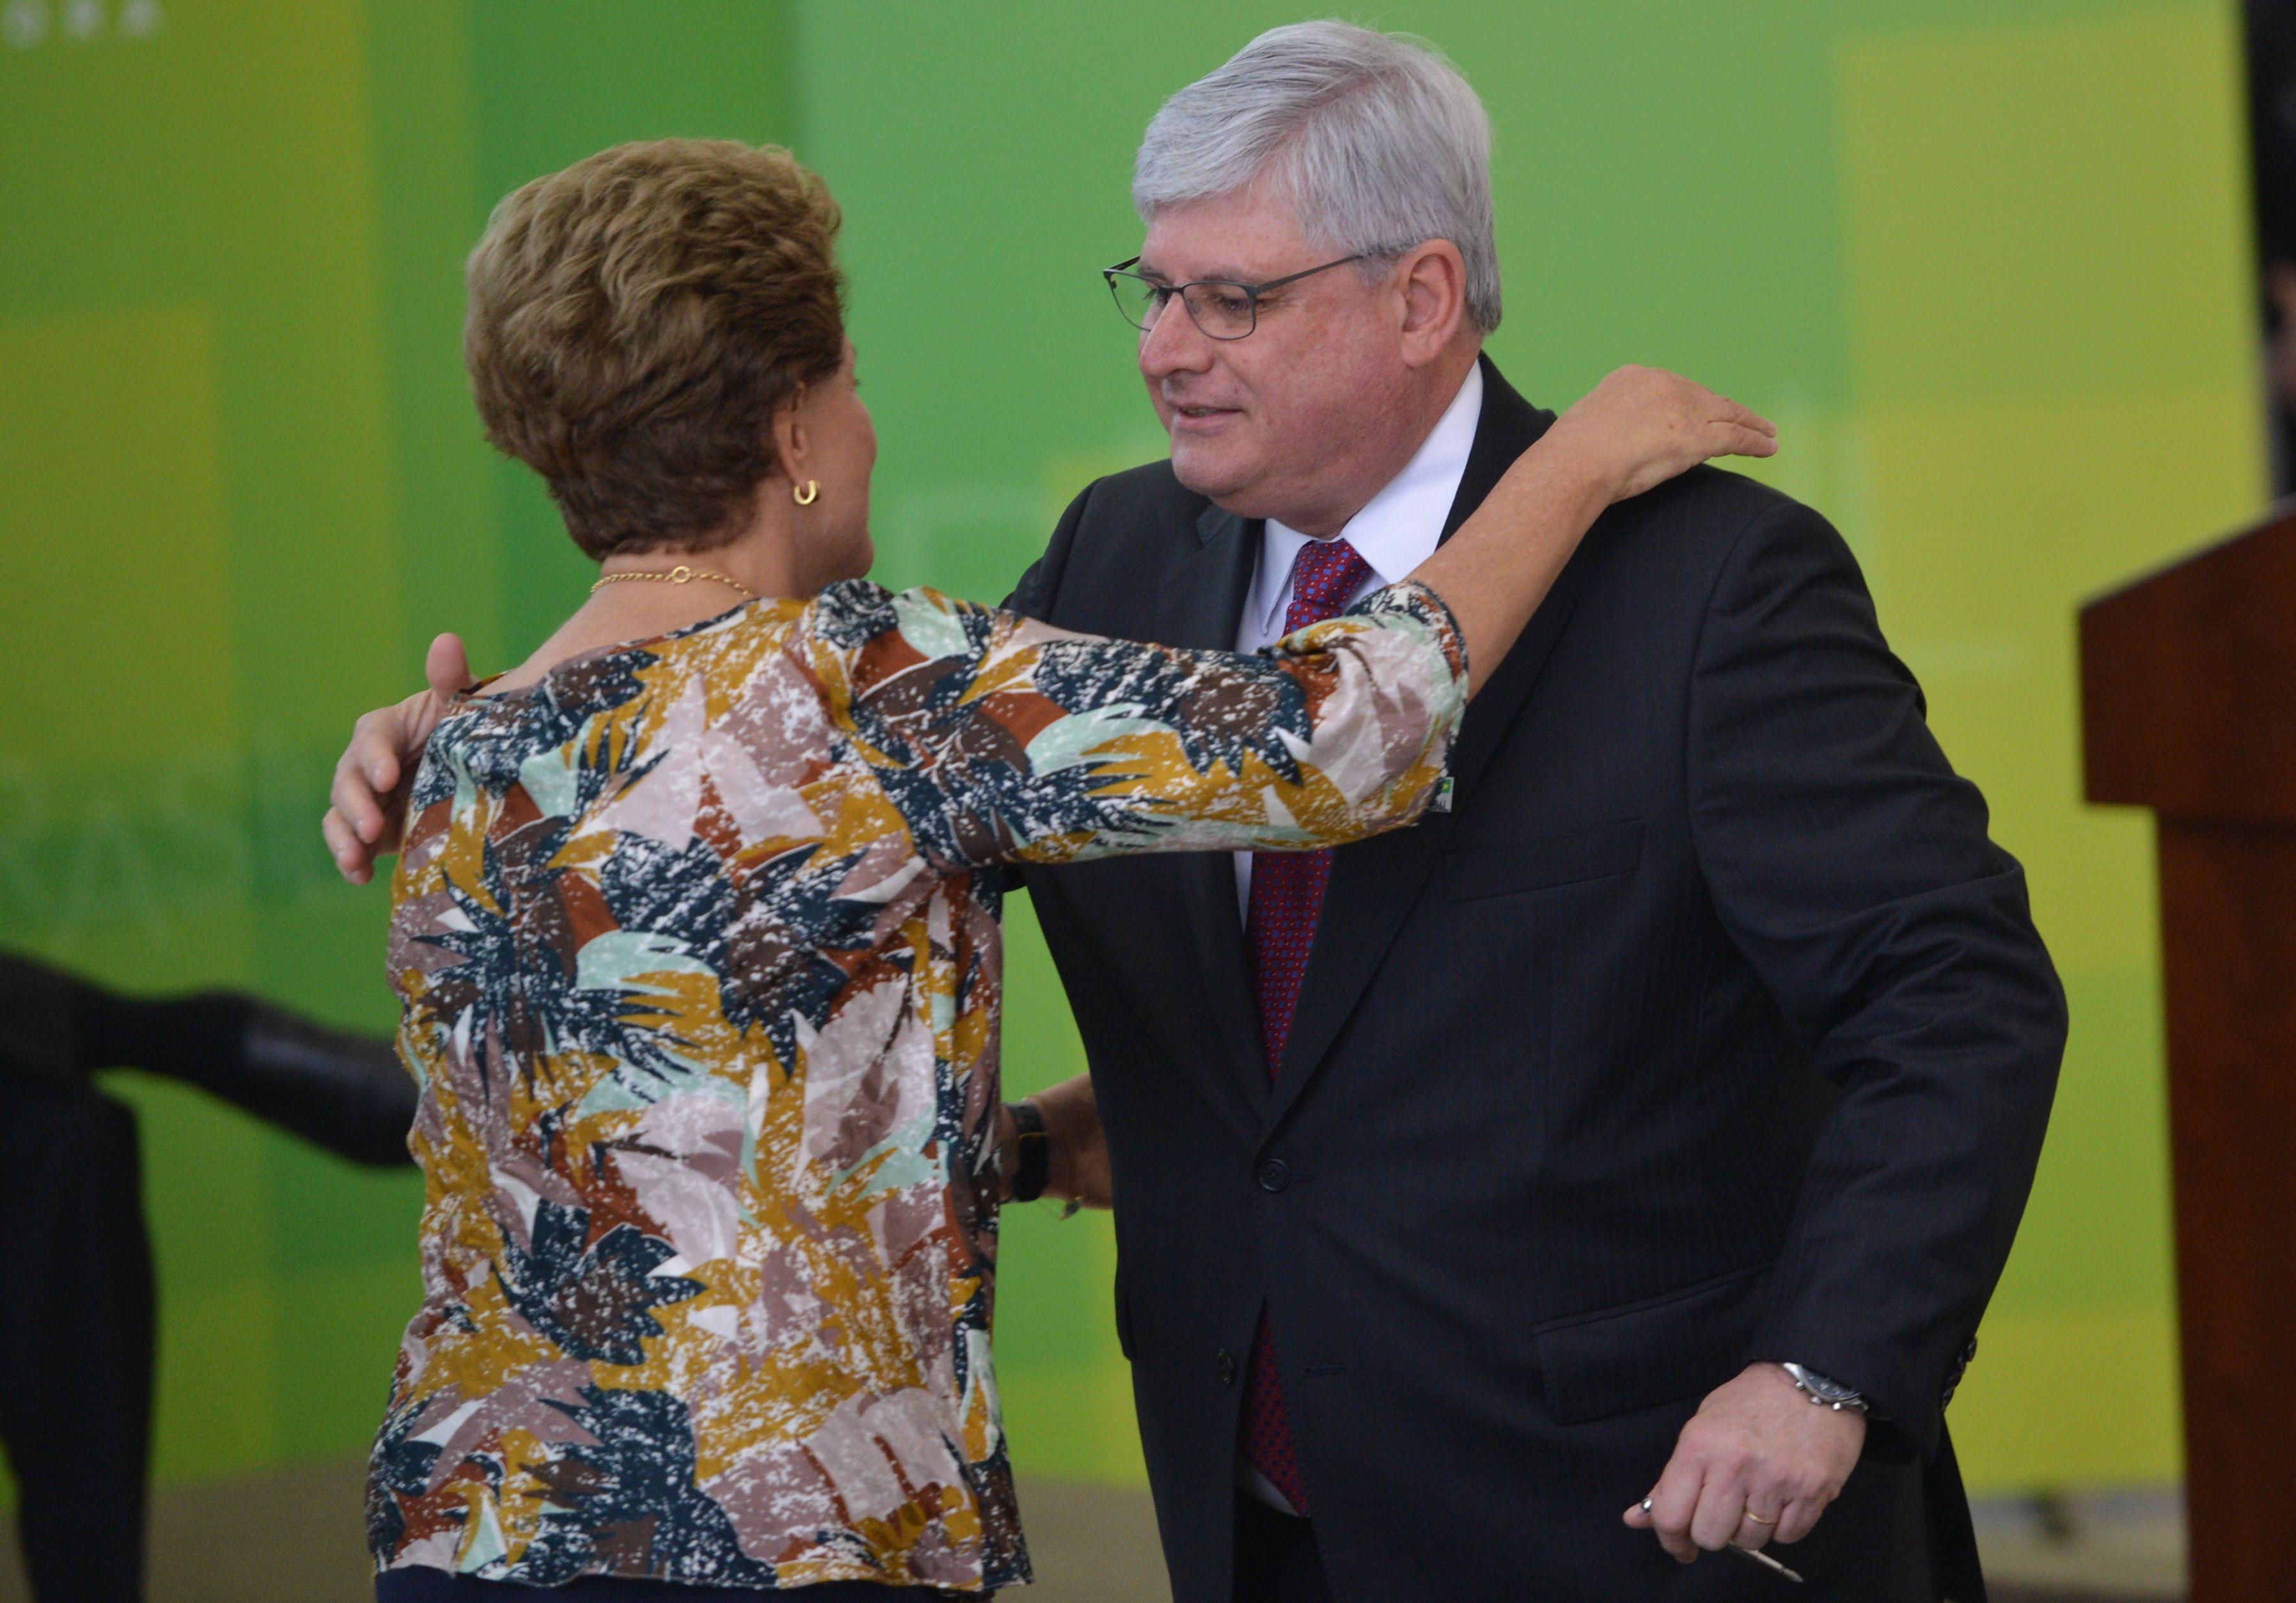 Dilma Rousseff reconduz Rodrigo Janot ao cargo de procurador-geral da República